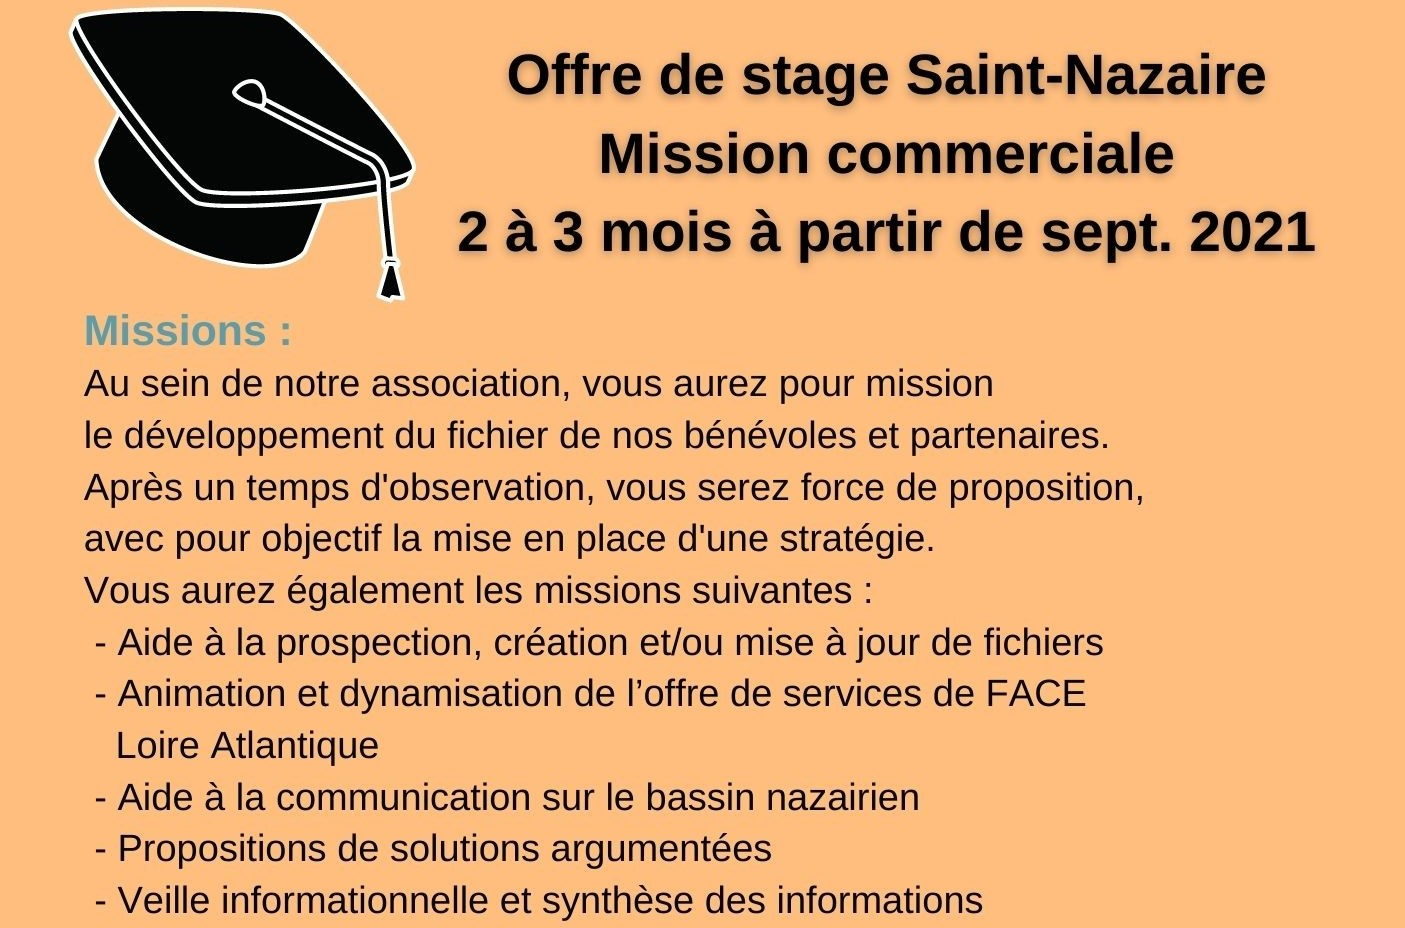 Notre association propose un stage sur une mission commerciale